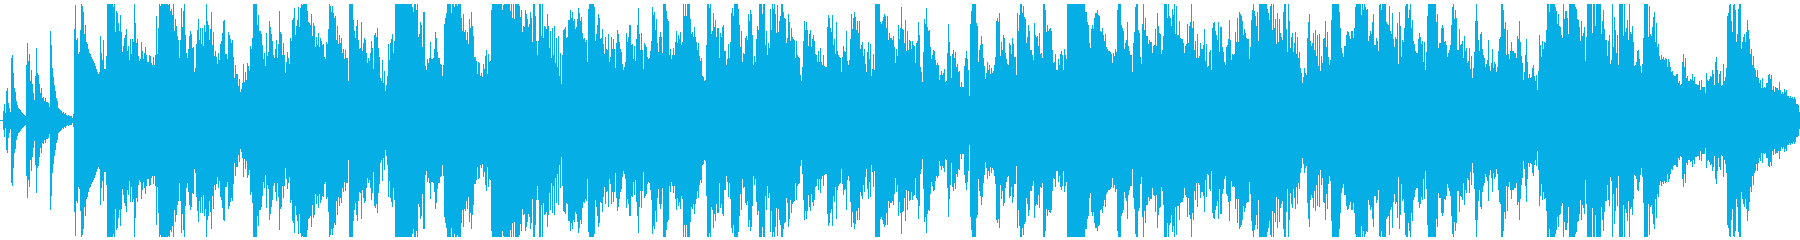 古典的なクリスマスキャロル、Wha...の再生済みの波形